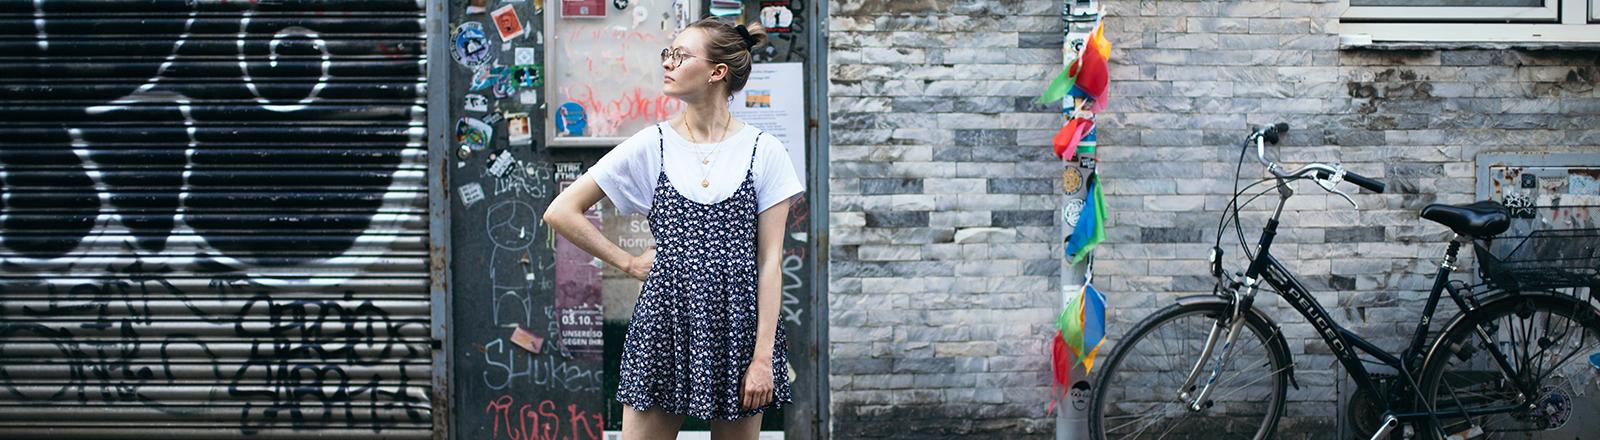 Eine Frau steht vor einer beklebten Tür auf einer Straße.